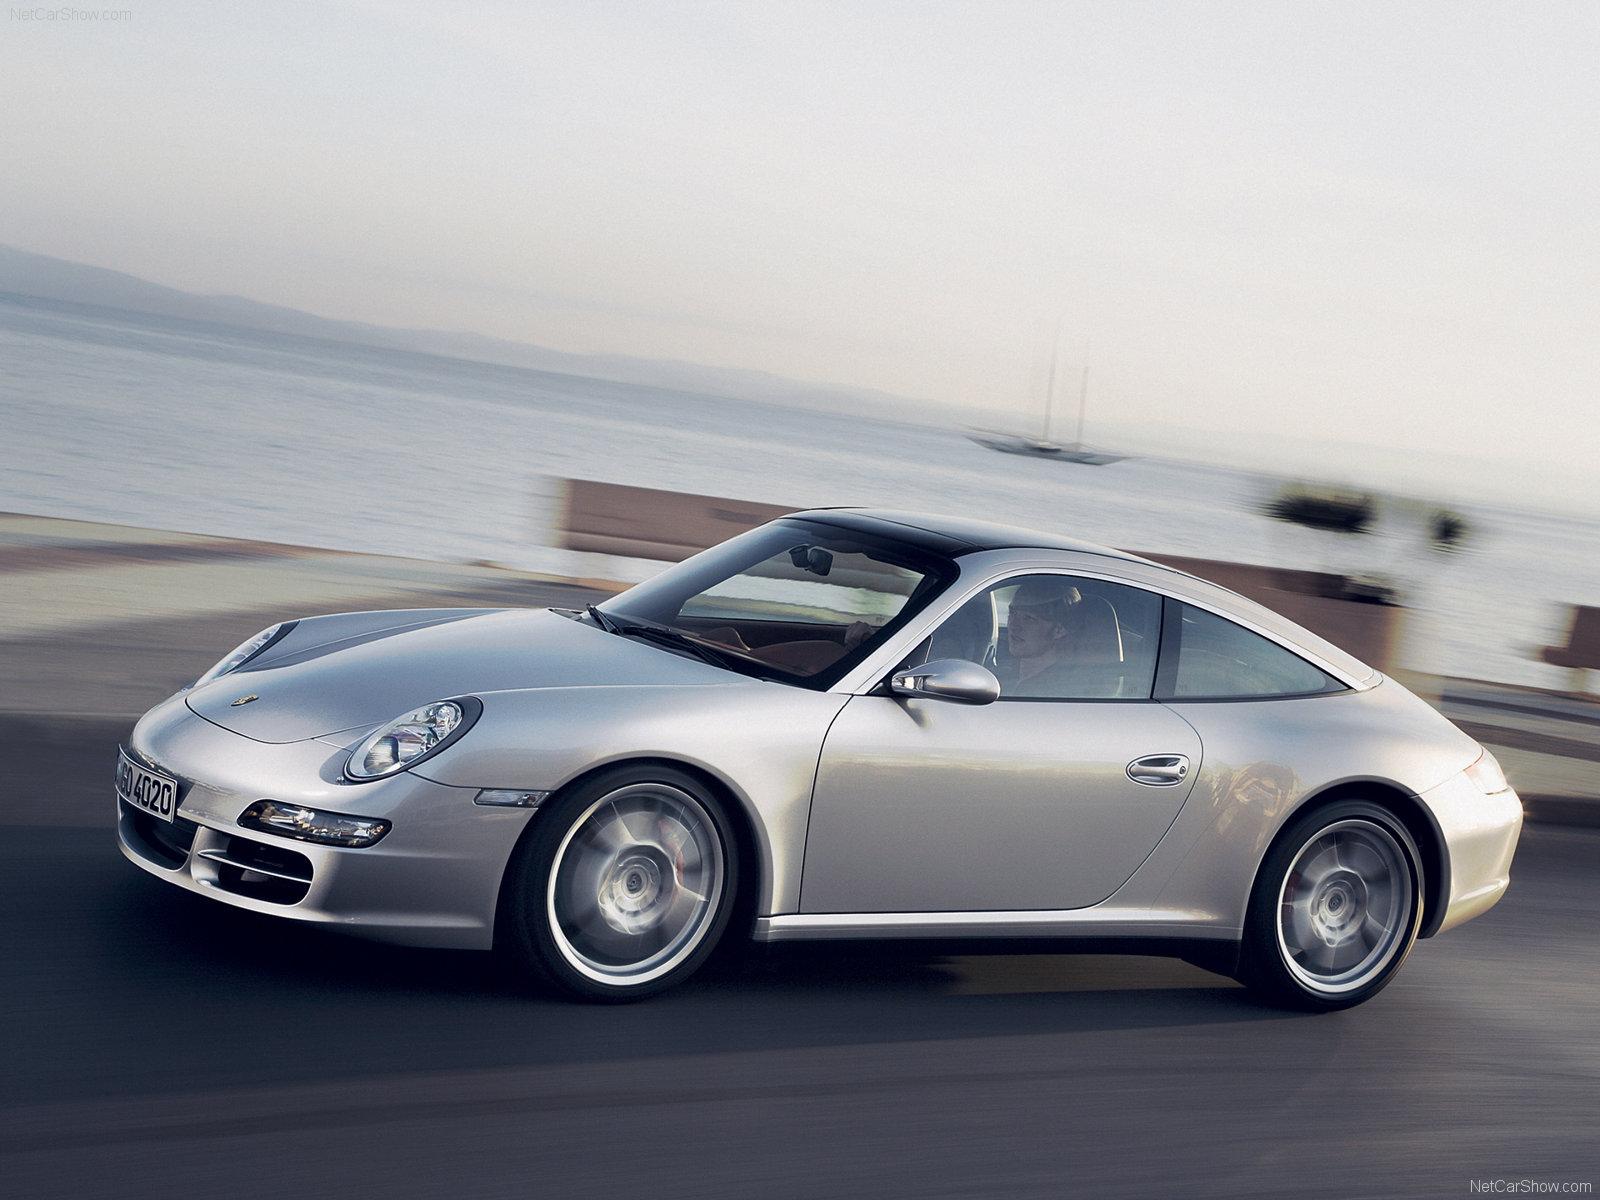 2007 Silver Porsche 911 Targa 4s Wallpapers